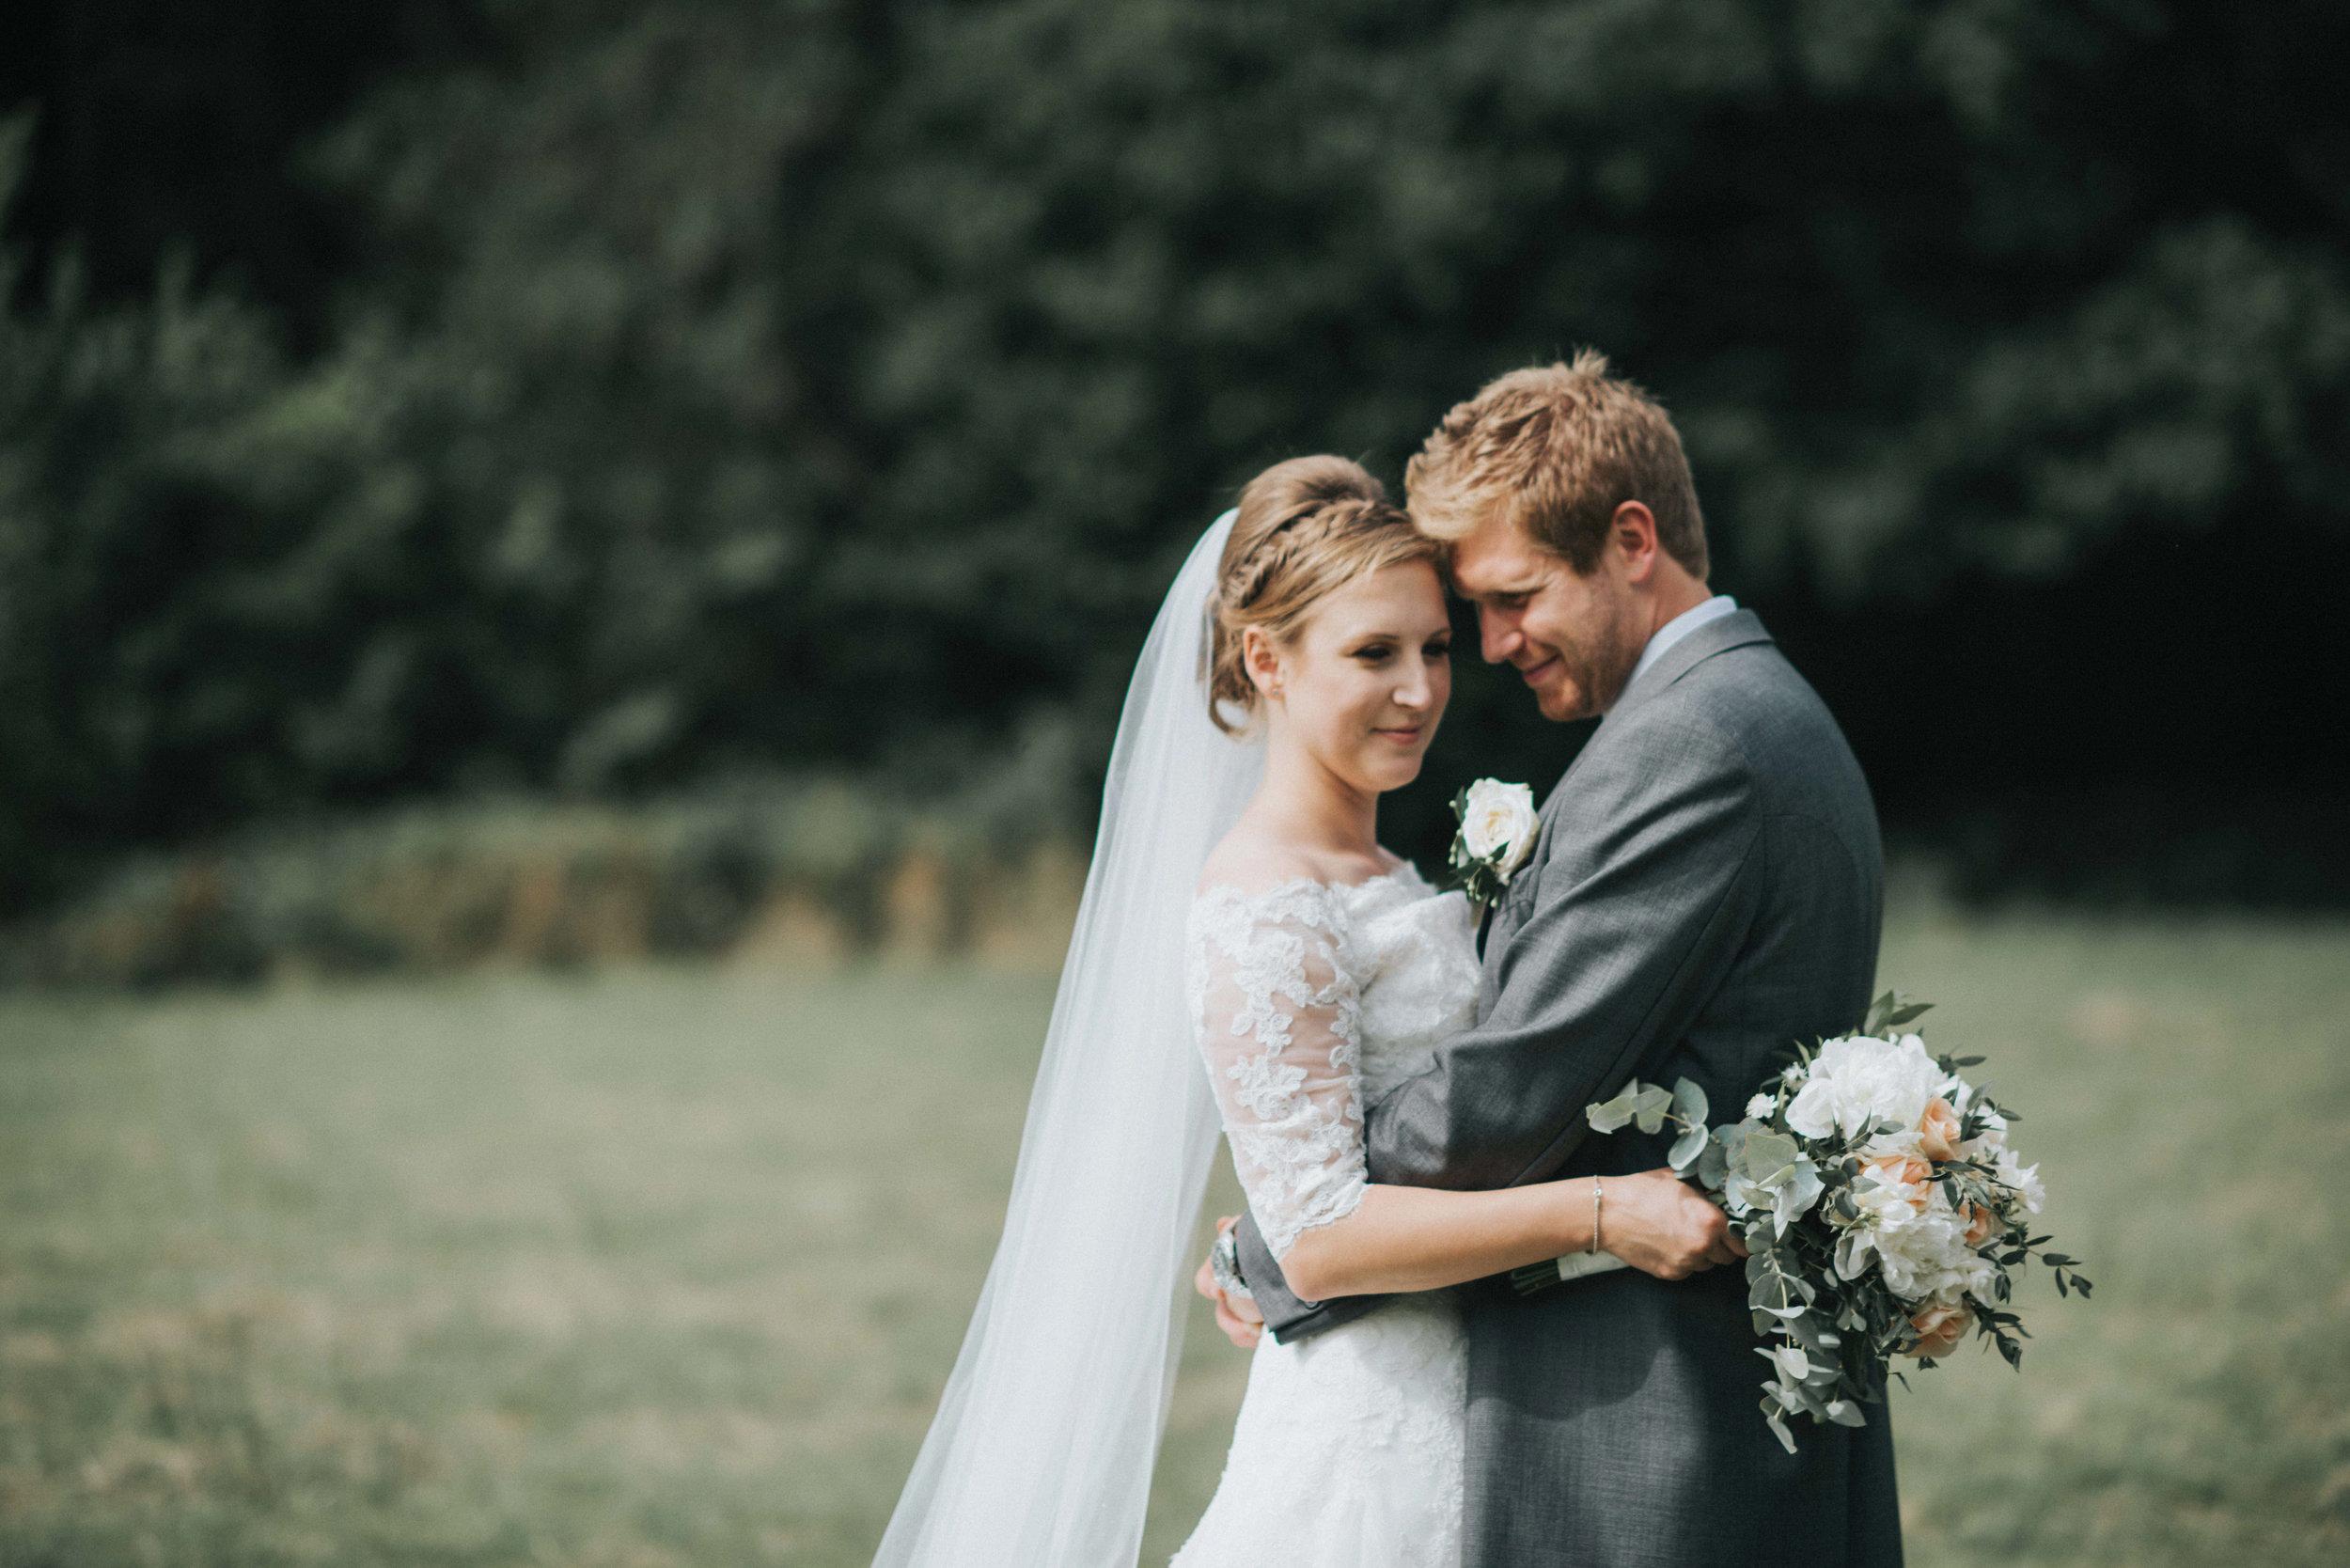 festival-farm-wedding-081.jpg